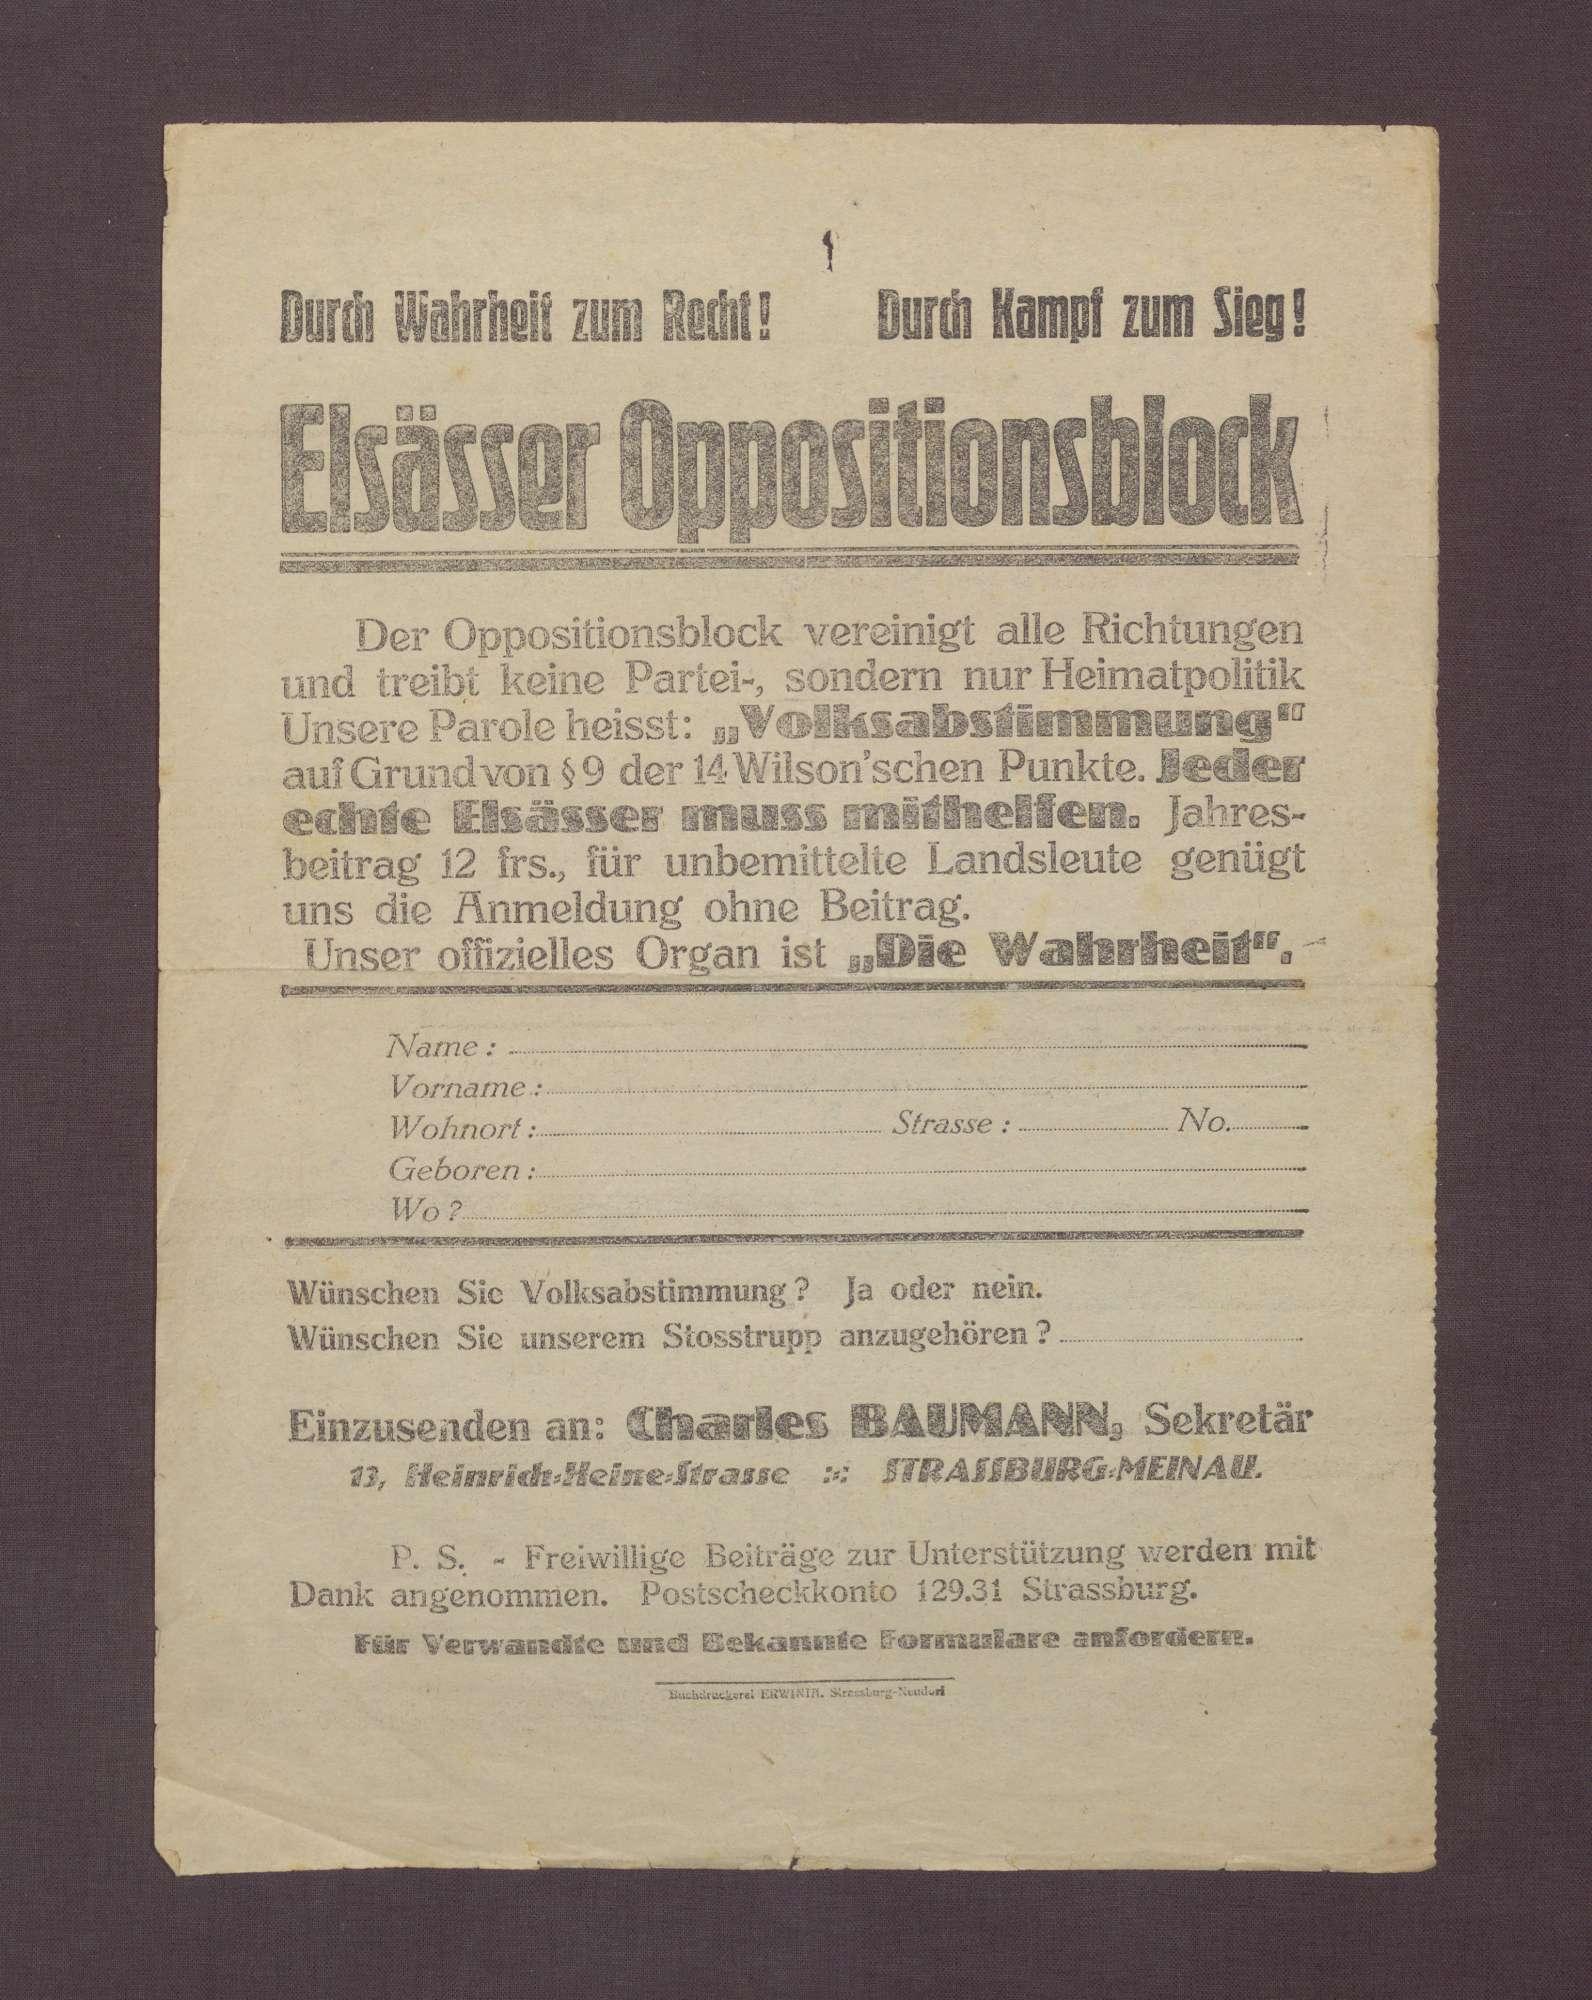 """Flugblatt des Elsässer Oppositionsblocks: """"Unsere Parole heißt:"""